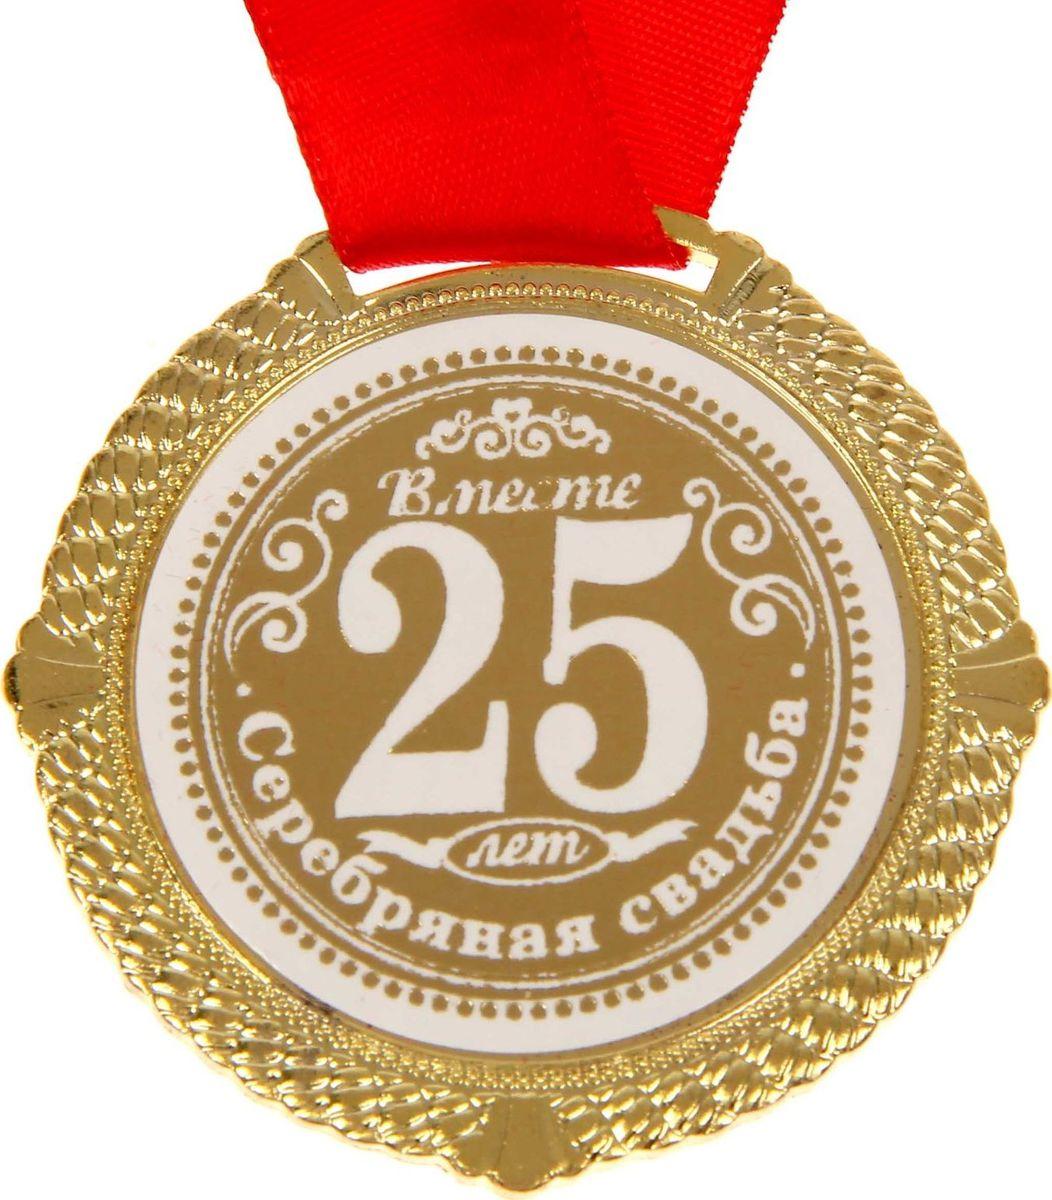 Хотите необычно поздравить близких людей с годовщиной свадьбы? Эта медаль  в бархатной коробке в форме сердца подчеркнет всю торжественность данного  события. Награда эксклюзивной формы изготовлена из металла золотого цвета и  дополнена надписью на металлическом шильде. А чтобы вы сразу смогли надеть  медаль на получателя, в комплект входит лента. Радуйте и удивляйте близких  людей оригинальными презентами, которые останутся с ними на долгие годы!  Размер футляра: 9 х 8,1 х 3 см.